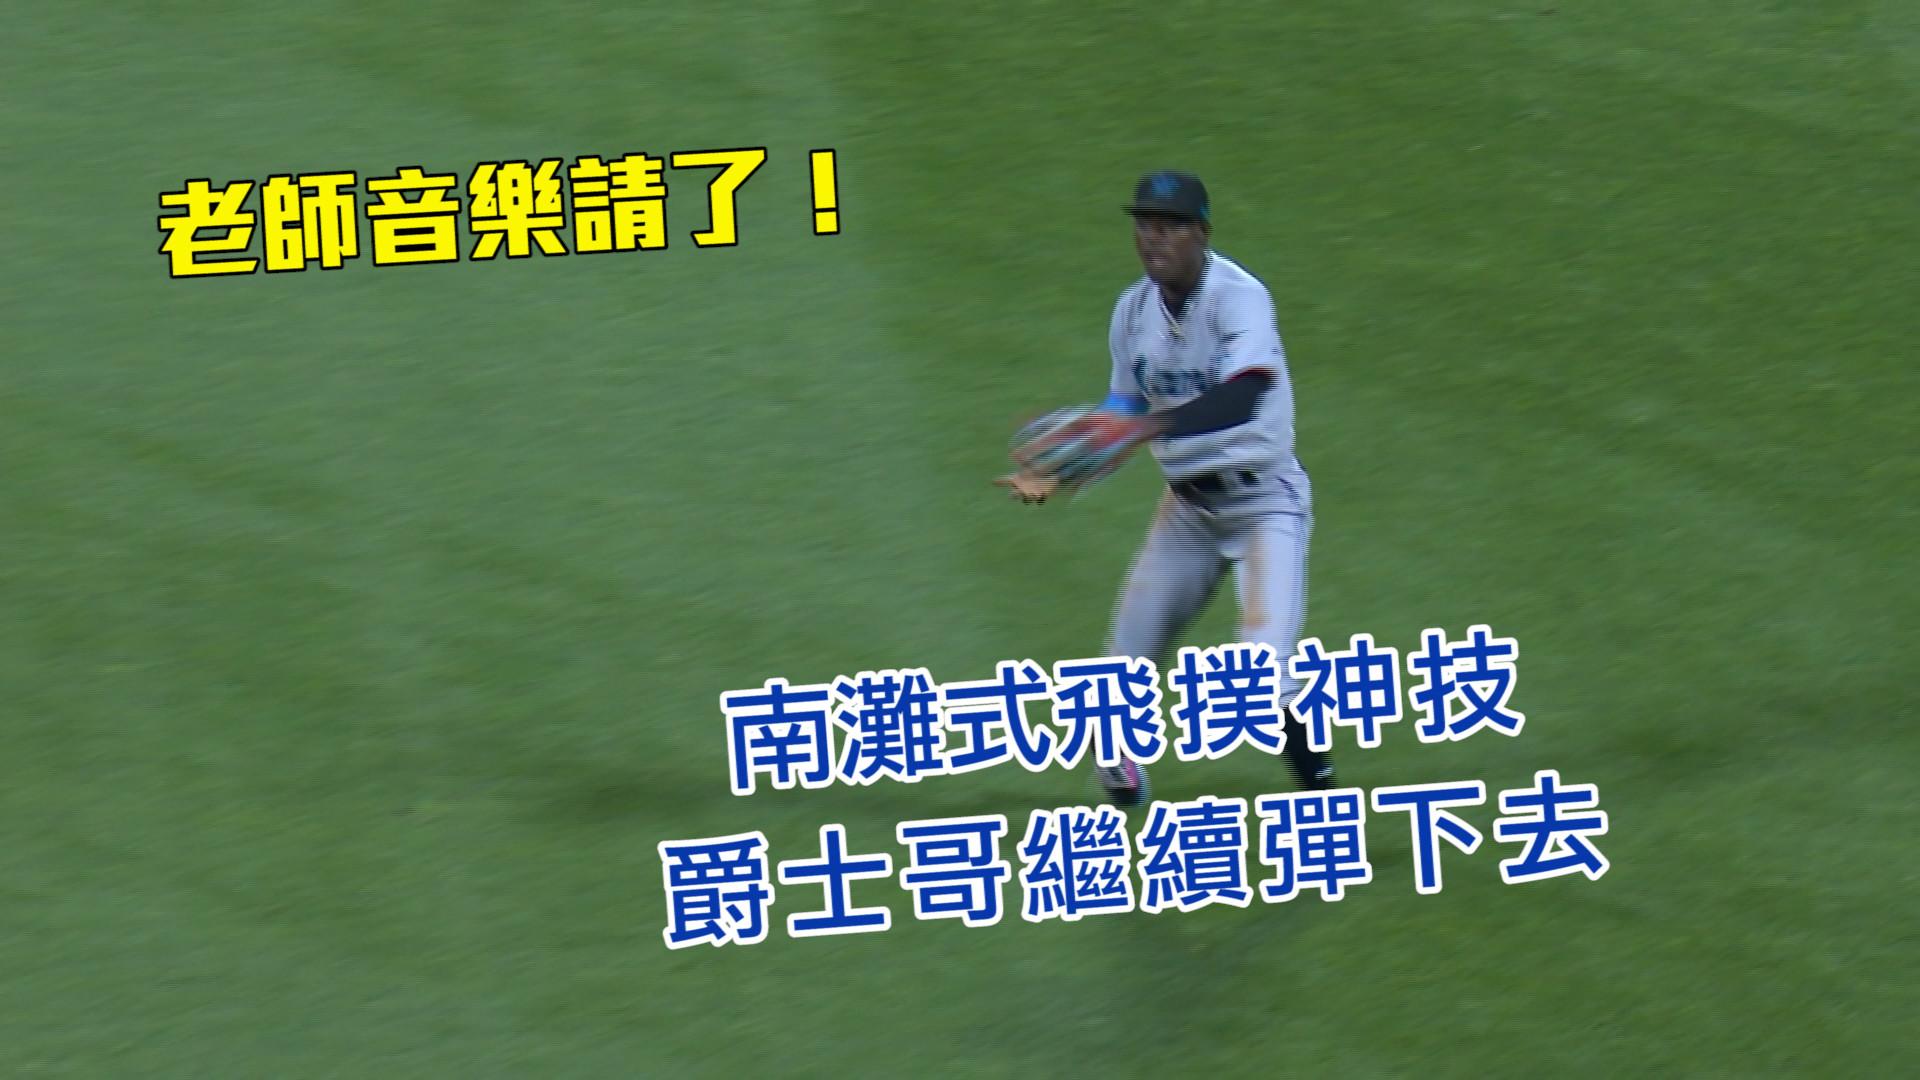 【MLB看愛爾達】超狂好球不看不應該 MLB五大美技精選 09/03